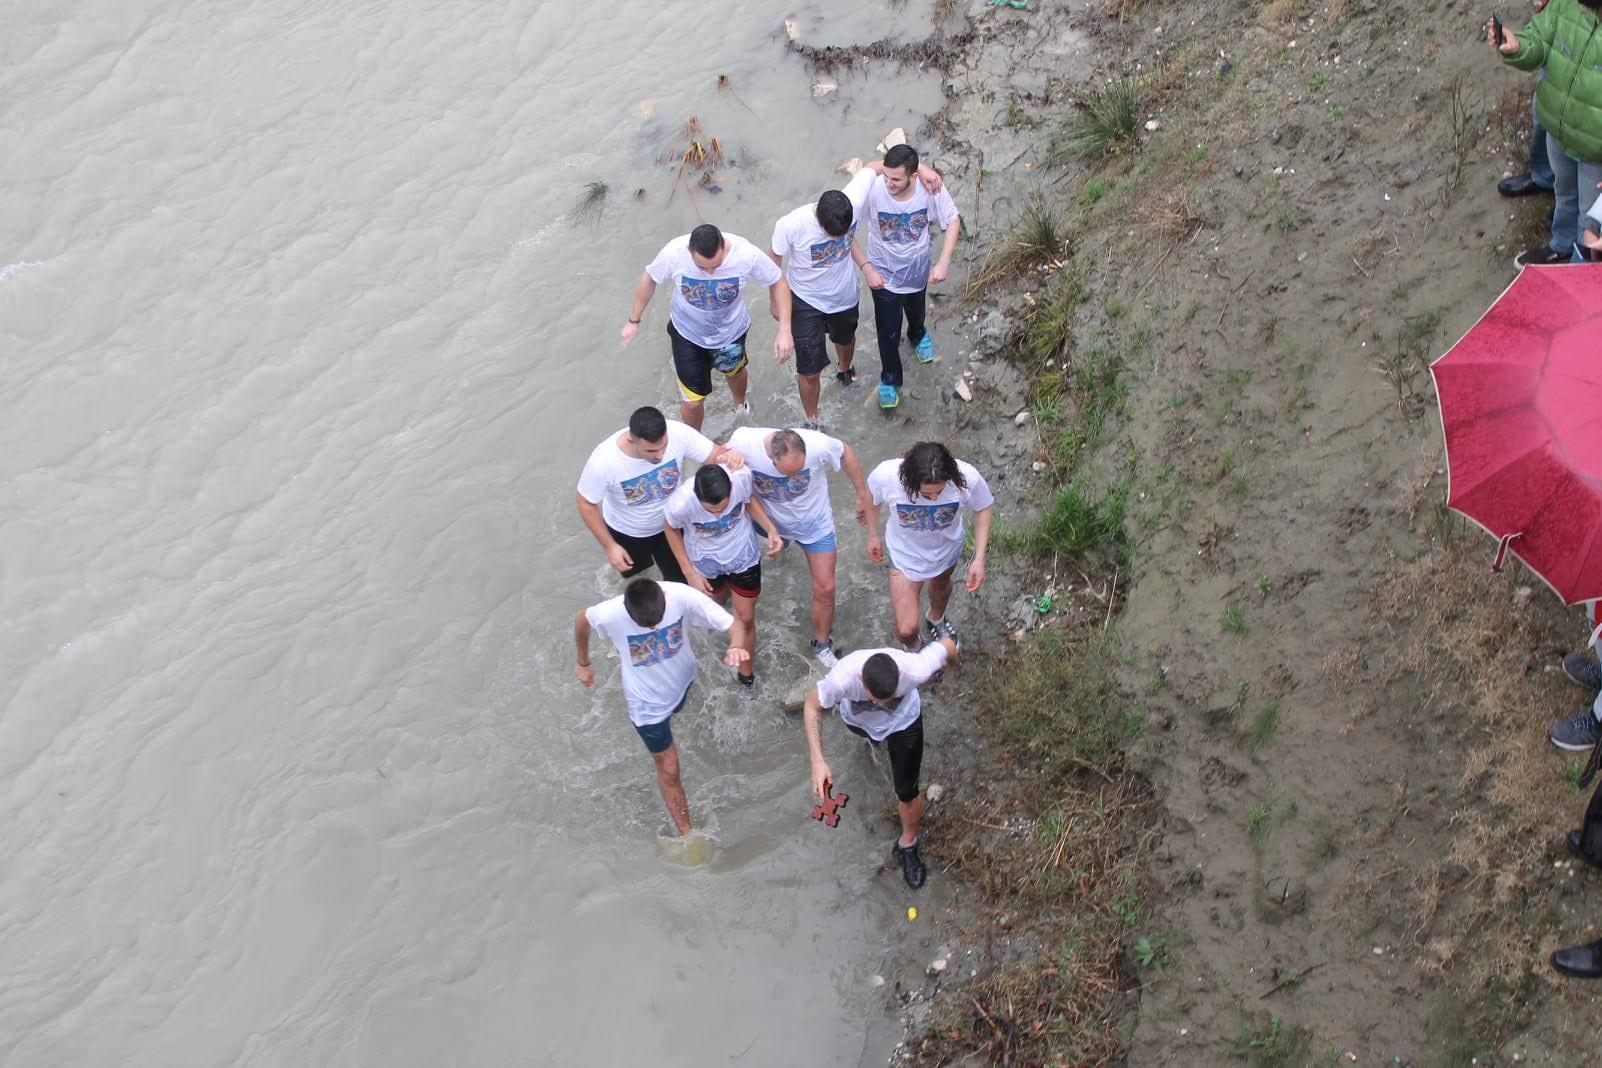 Θεοφάνεια 2021 Κατάδυση του Τιμίου Σταυρού στο Μπεράτι Αλβανίας